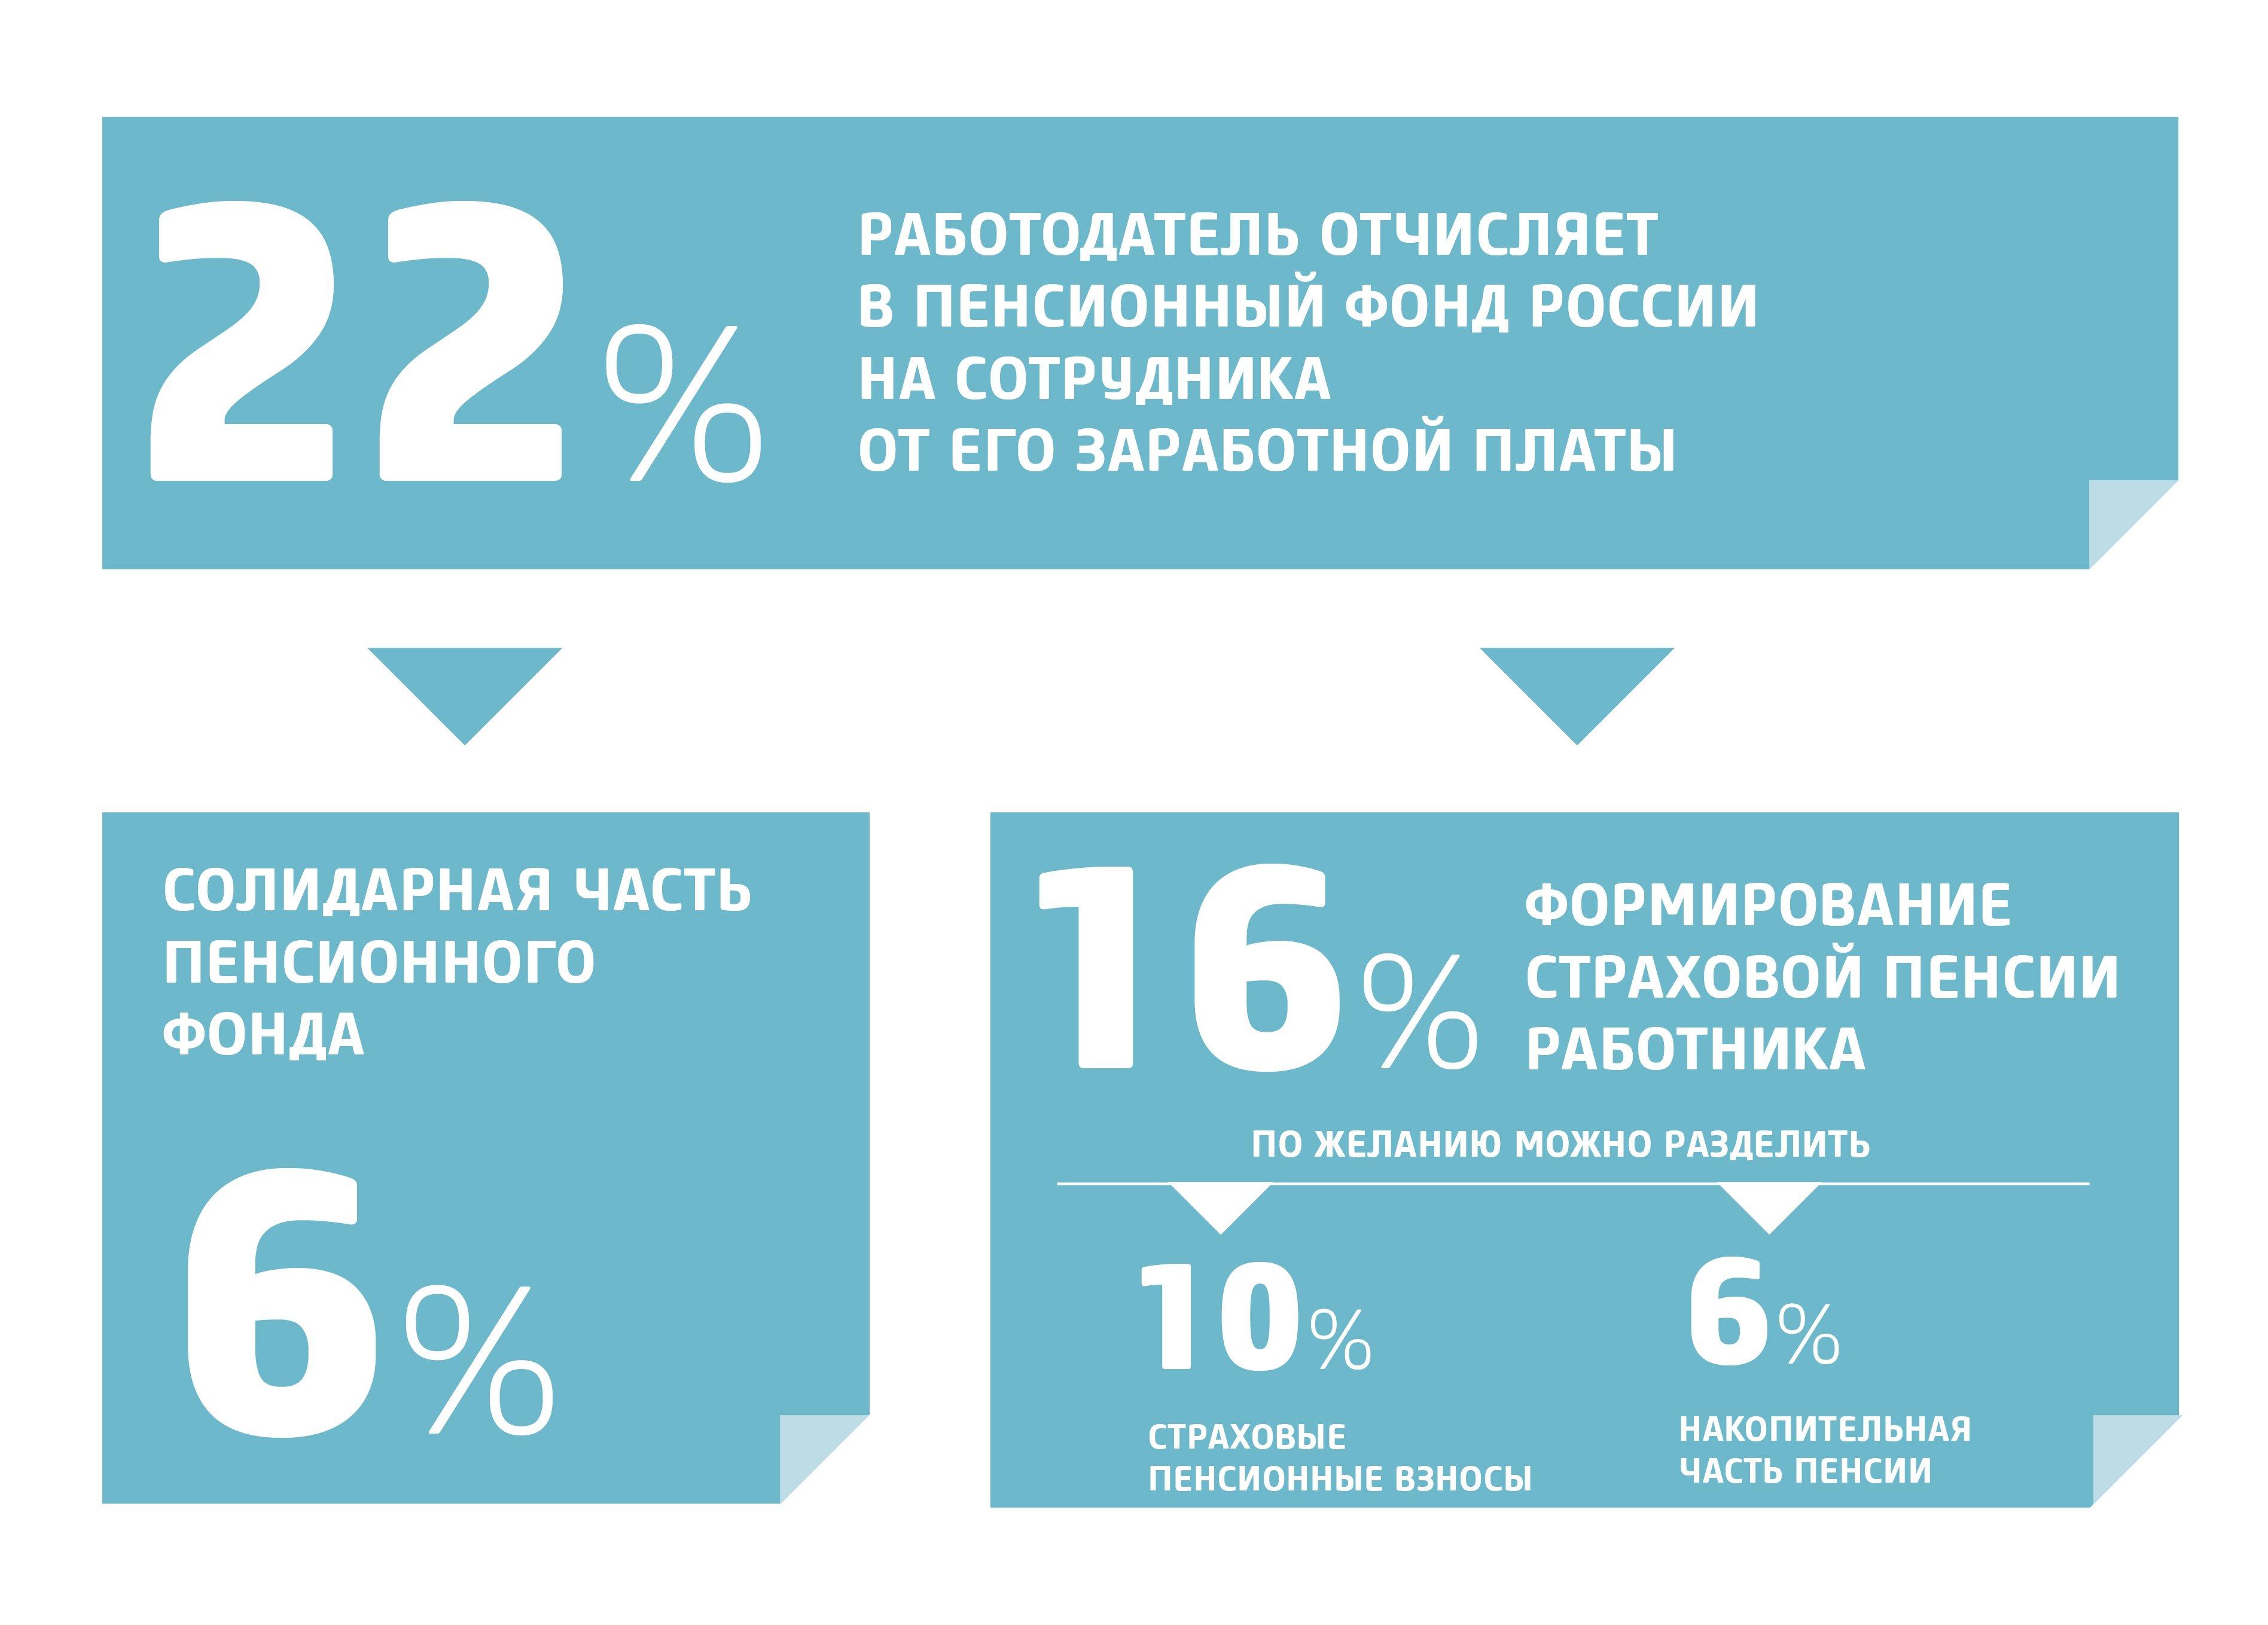 Негосударственный пенсионный фонд как получить накопительную часть пенсии калькулятор расчета пенсии в казахстане с 2021 года